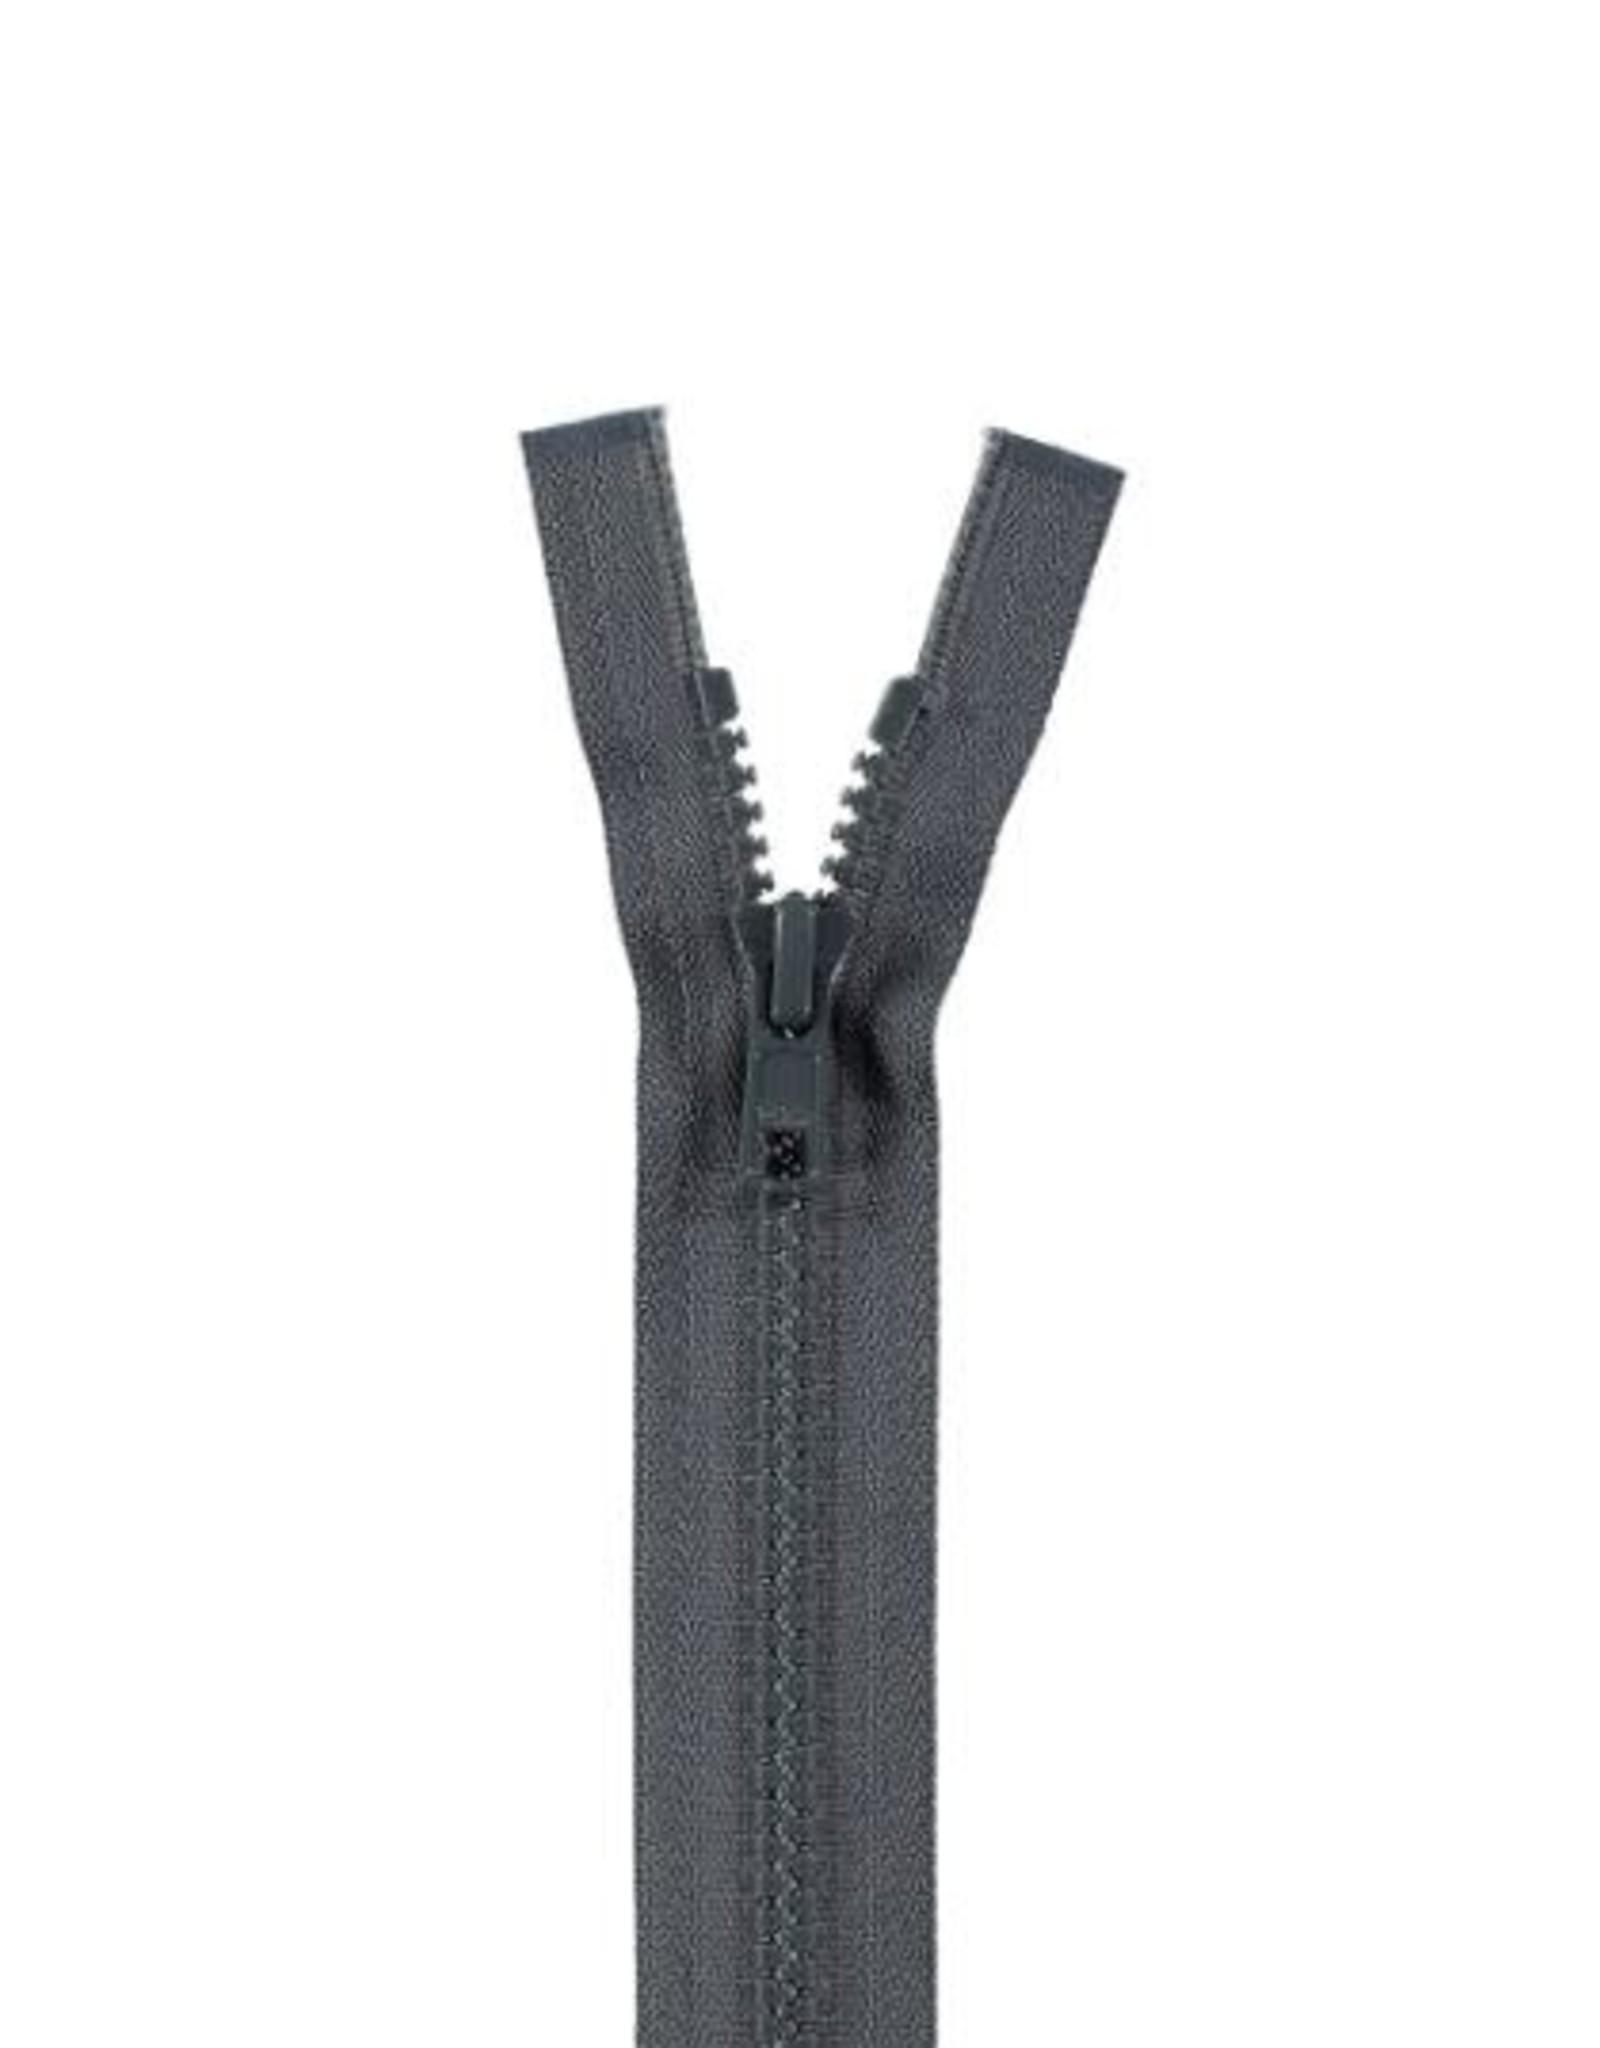 YKK BLOKRITS 5 DEELBAAR d. grijs 579-35cm